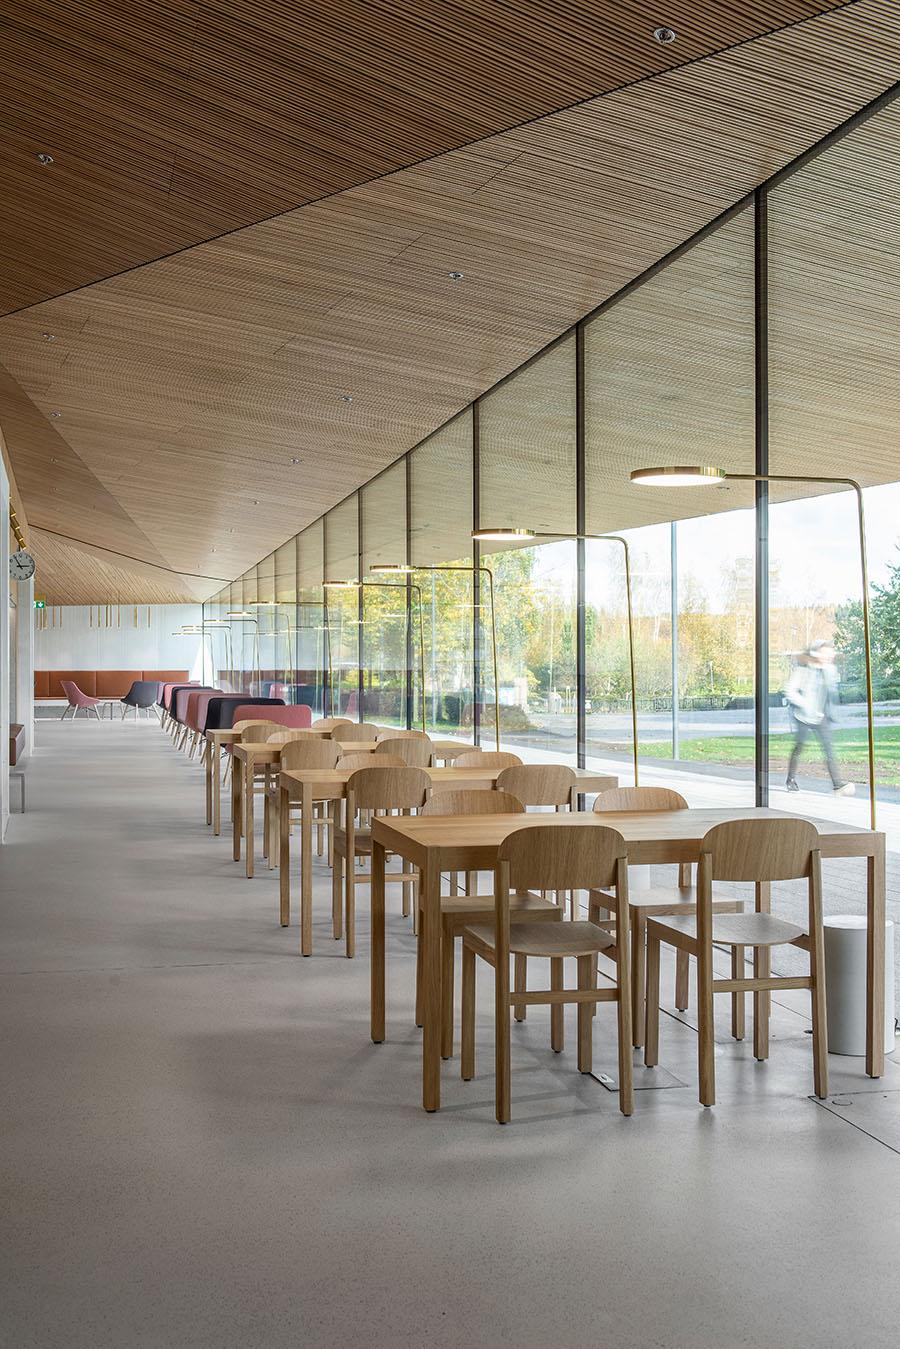 Kirkkonummen Kirjasto Jkmm Architects Kirkkonummi Library Pauliina Salonen8 Jkmm Arkkitehdit 20201001